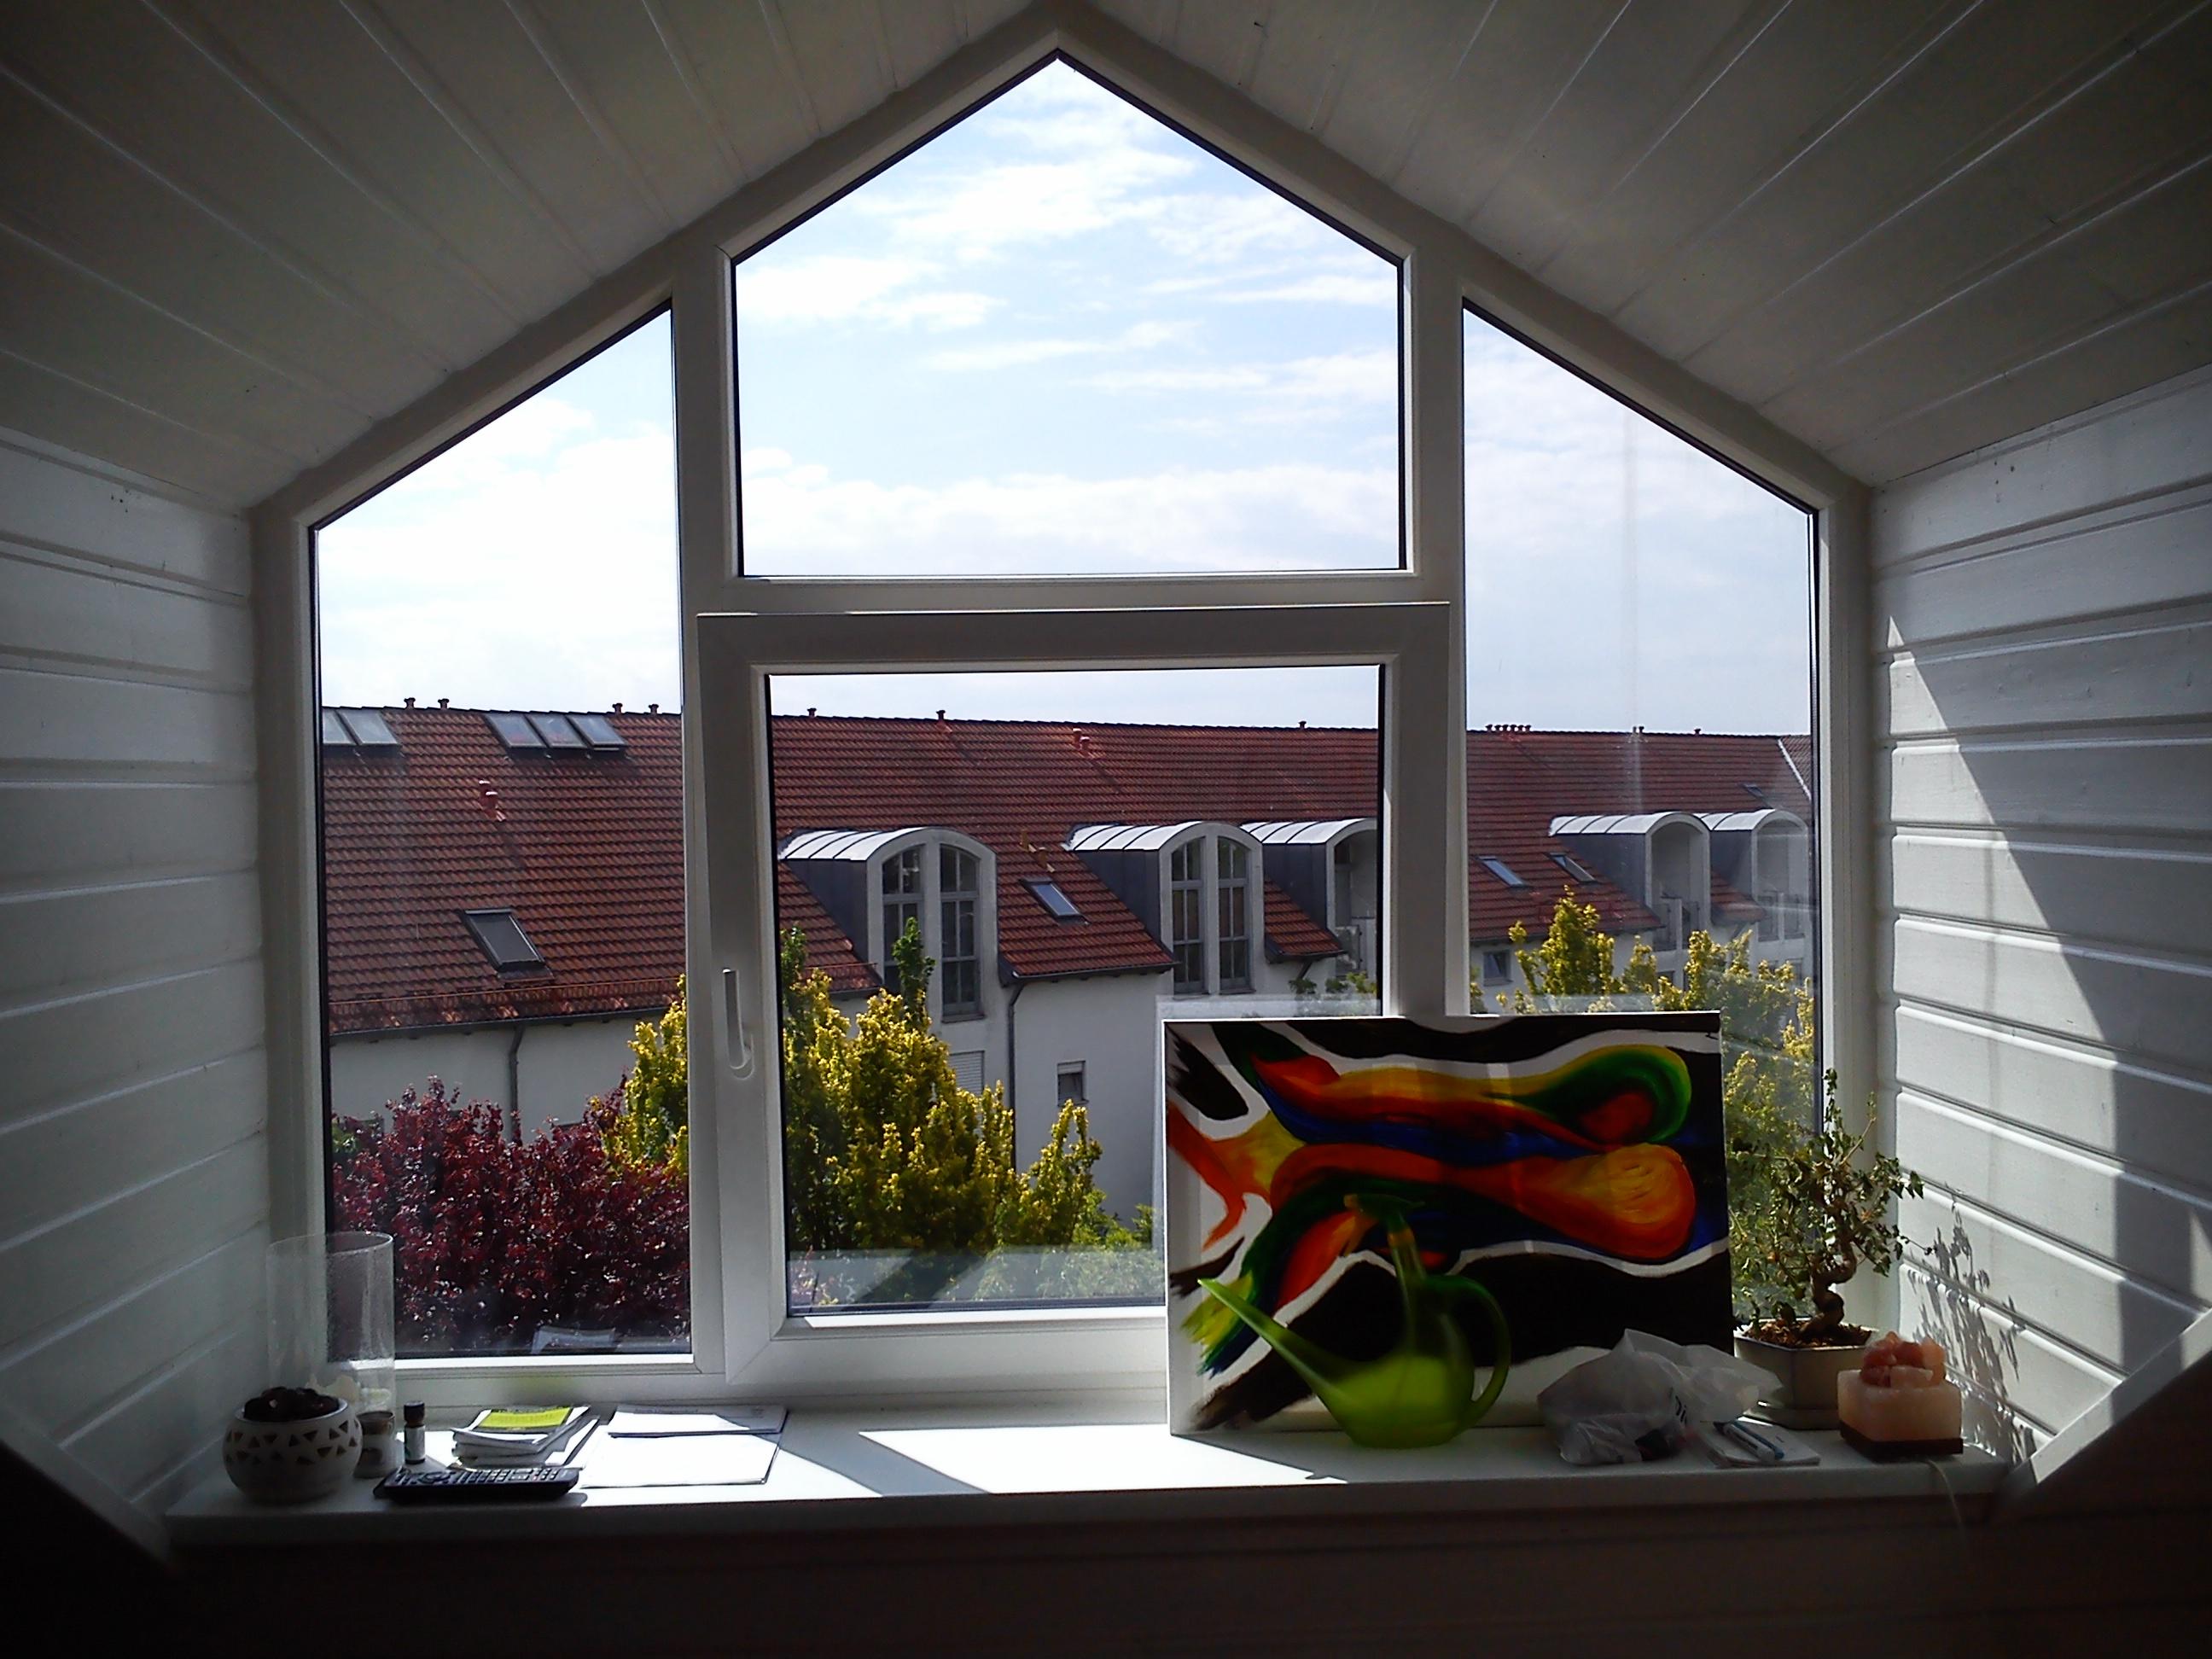 fenster dachschrage vorhang interior design und m bel ideen. Black Bedroom Furniture Sets. Home Design Ideas